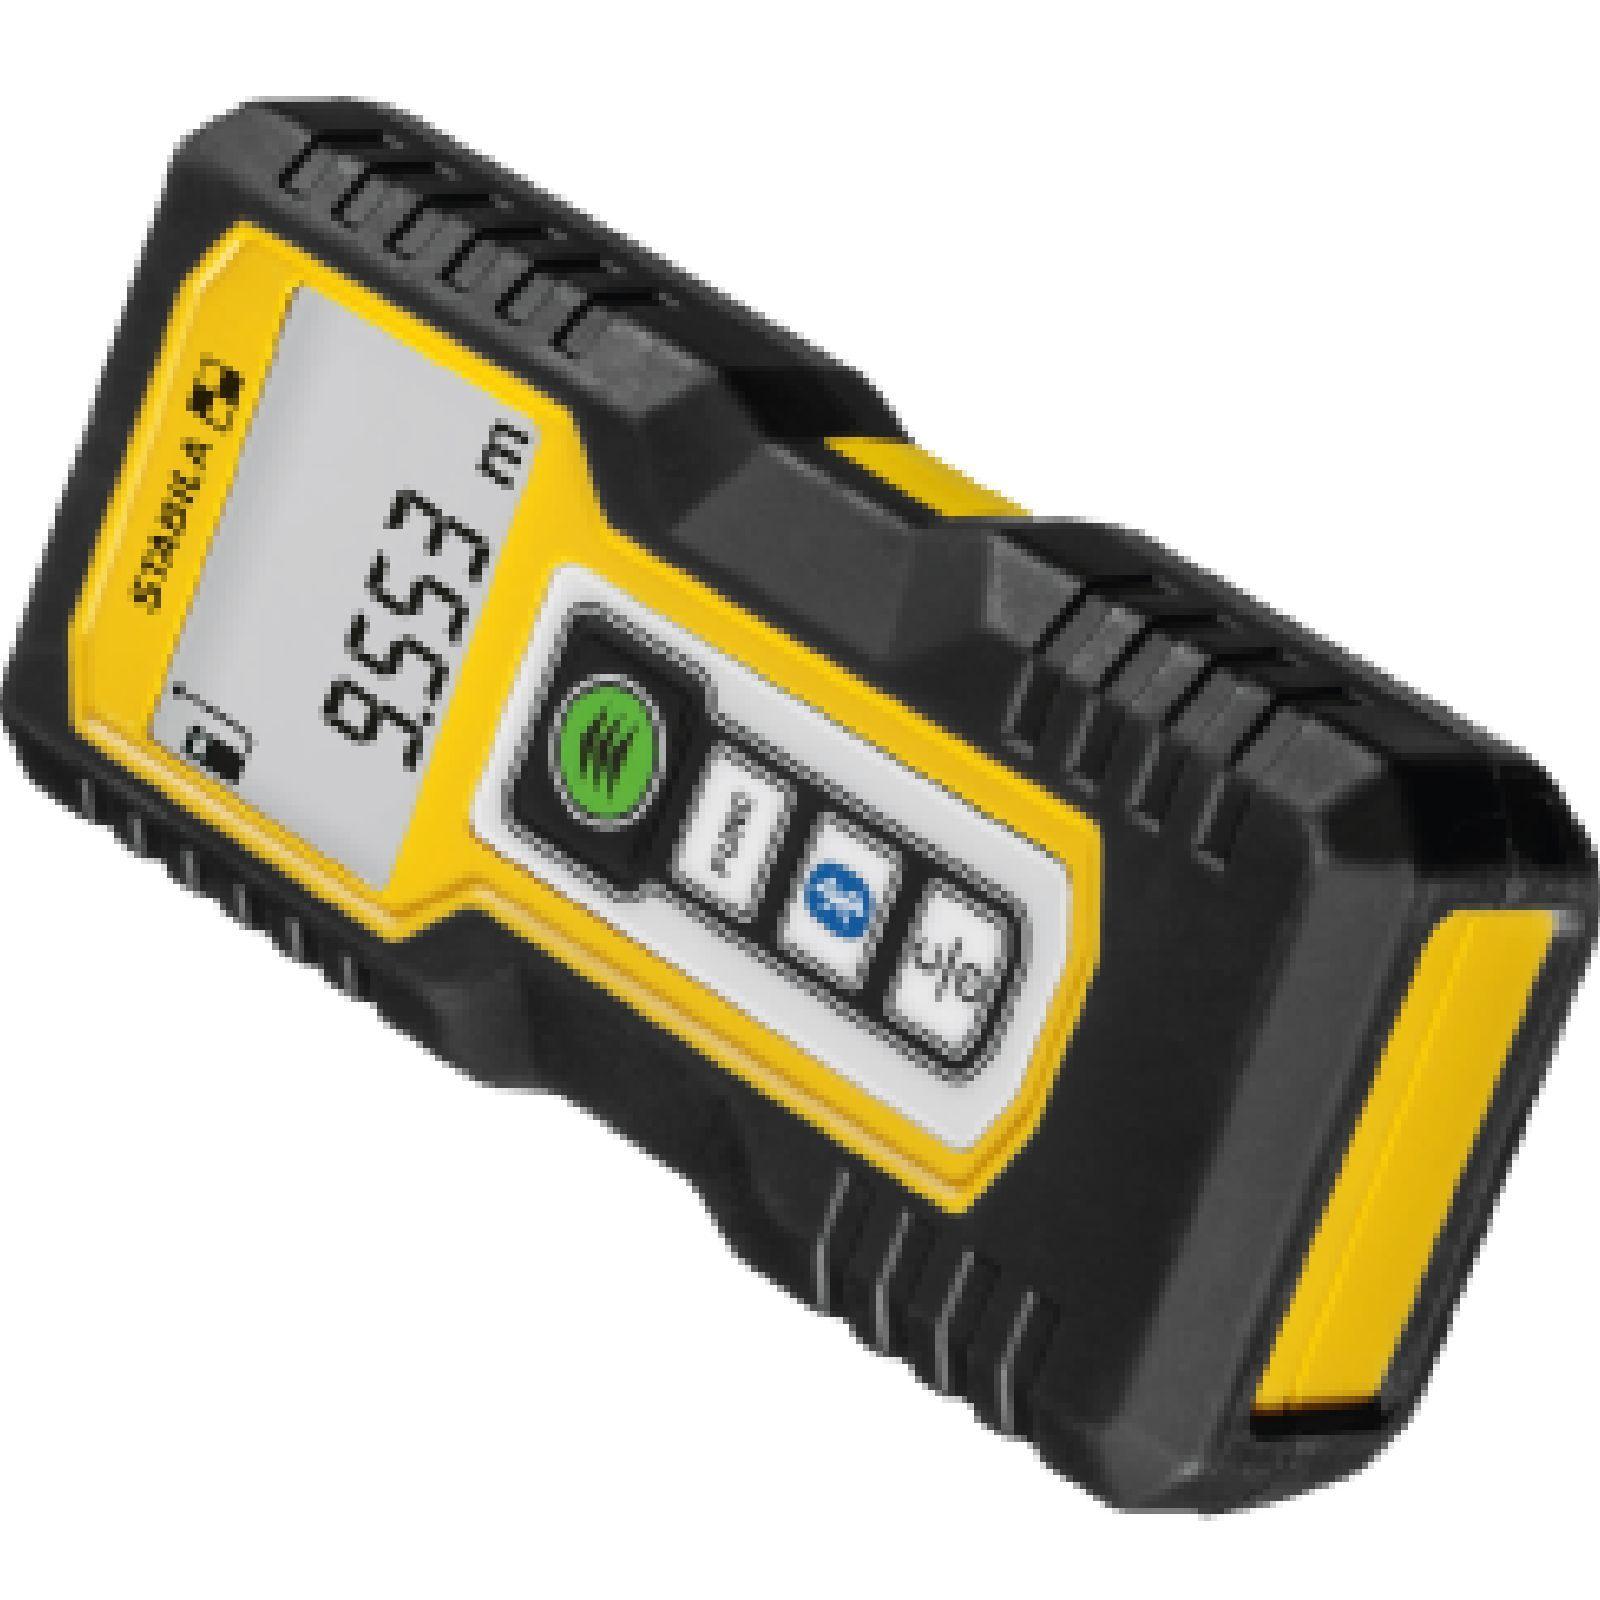 Laser-Entfernungsmesser LD250BT -  IP54  - 0,02 bis 50m -  STABILA LD 250 BT